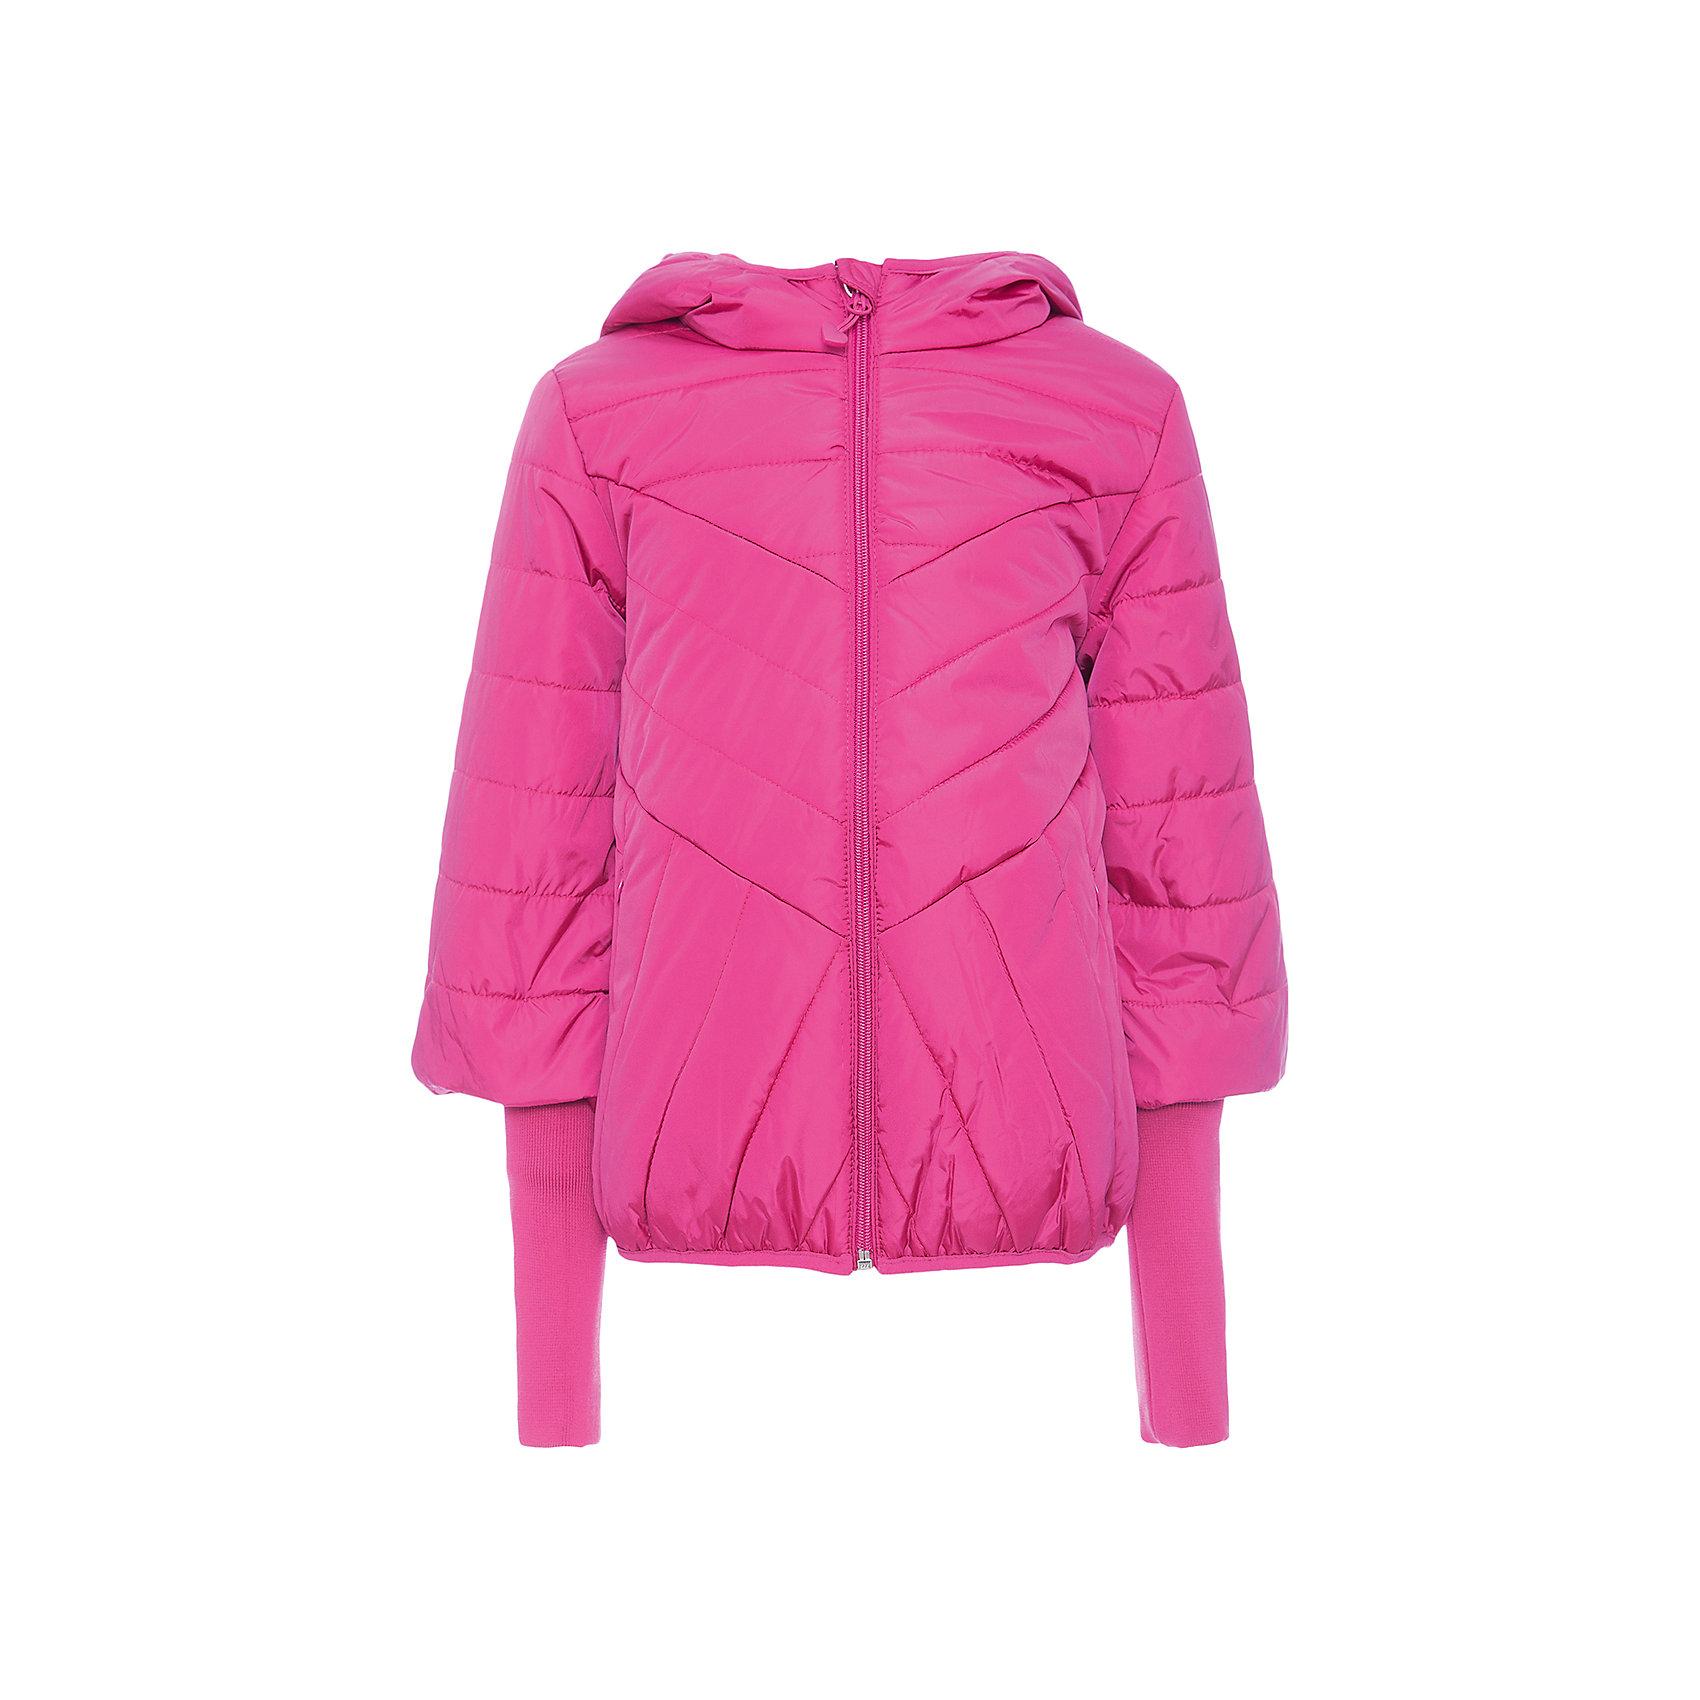 Куртка Scool для девочкиВерхняя одежда<br>Куртка Scool для девочки<br>Утепленная куртка с капюшоном яркого сочного цвета - хорошее решение для периода смены сезонов. Ткань с водоотталкивающей пропиткой. Модель на молнии, специальный карман для фиксации бегунка у горловины изделия не позволит застежке травмировать нежную кожу ребенка. Модель с модными рукавами - 3/4. Удлиненные манжеты из плотного трикотажа позволят сохранить тепло. Куртка с вшивными карманами на молнии. Капюшон и низ куртки на мягких резинках. Светоотражатели обеспечат видимость ребенка в темное время суток.<br>Состав:<br>Верх: 100% нейлон, подкладка: 100% полиэстер, наполнитель: 100% полиэстер, 200 г/м2<br><br>Ширина мм: 356<br>Глубина мм: 10<br>Высота мм: 245<br>Вес г: 519<br>Цвет: розовый<br>Возраст от месяцев: 156<br>Возраст до месяцев: 168<br>Пол: Женский<br>Возраст: Детский<br>Размер: 164,134,140,146,152,158<br>SKU: 7105163